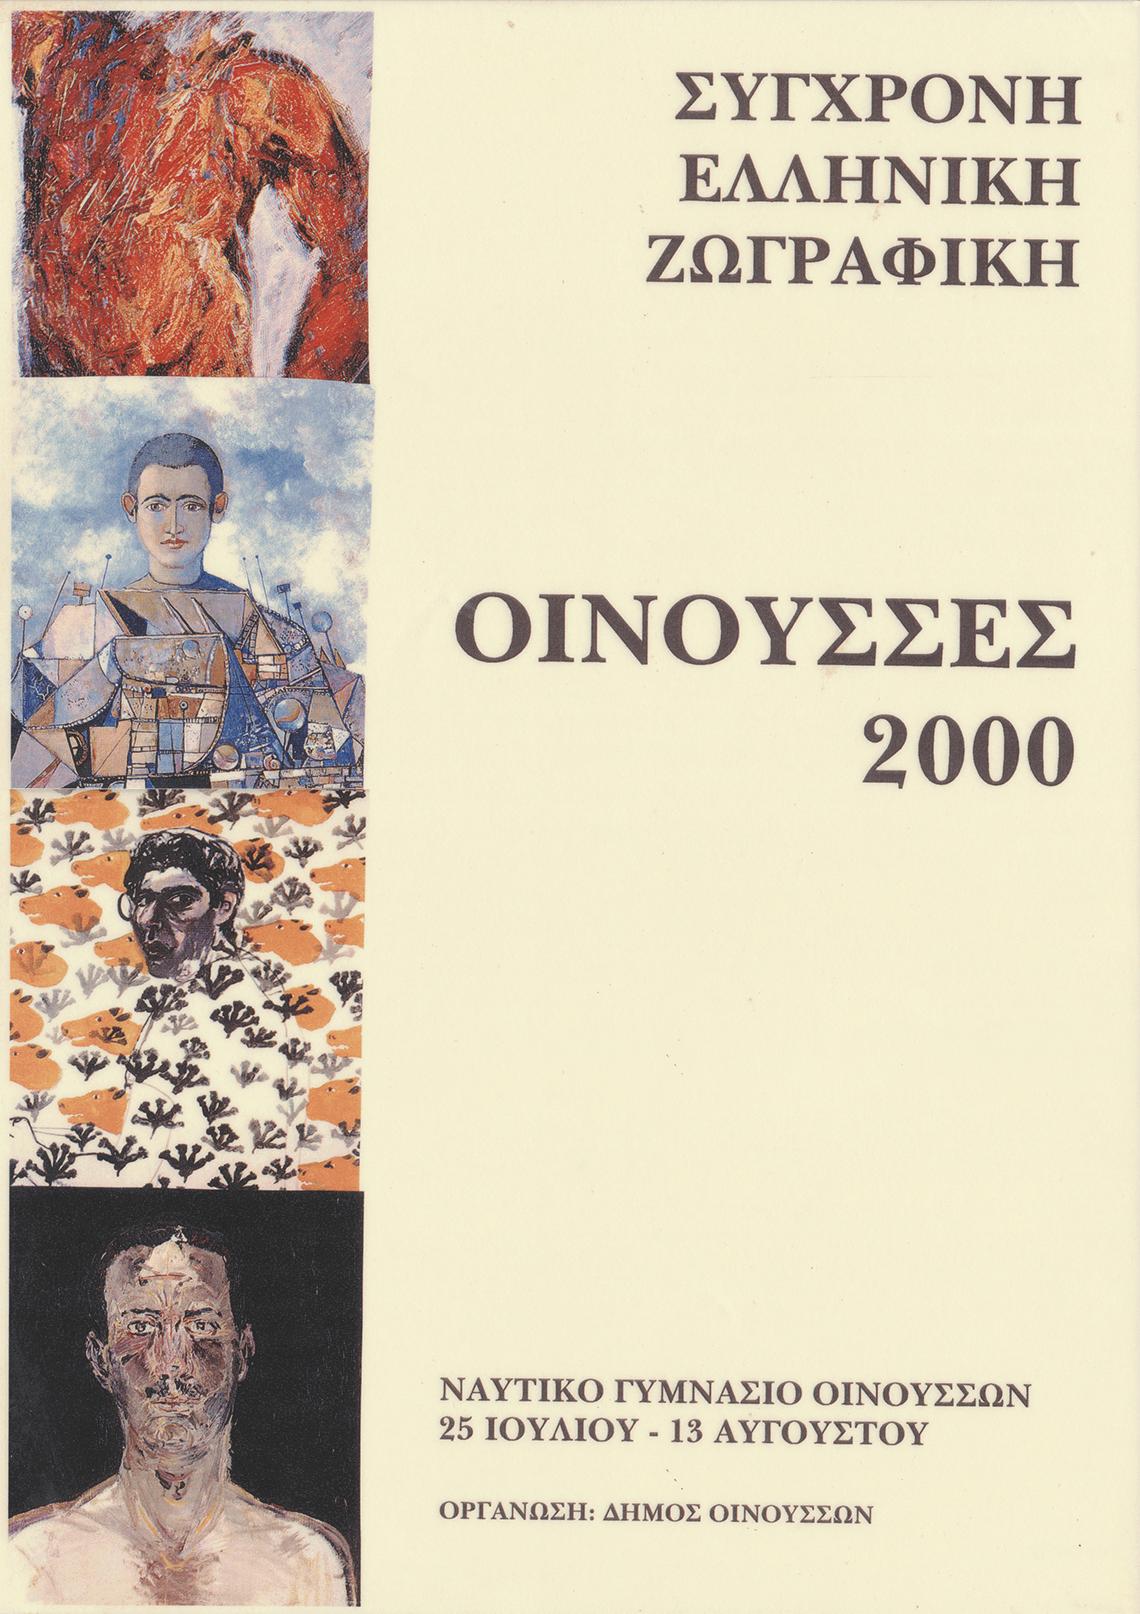 Σύγχρονη Ελληνική Ζωγραφική,